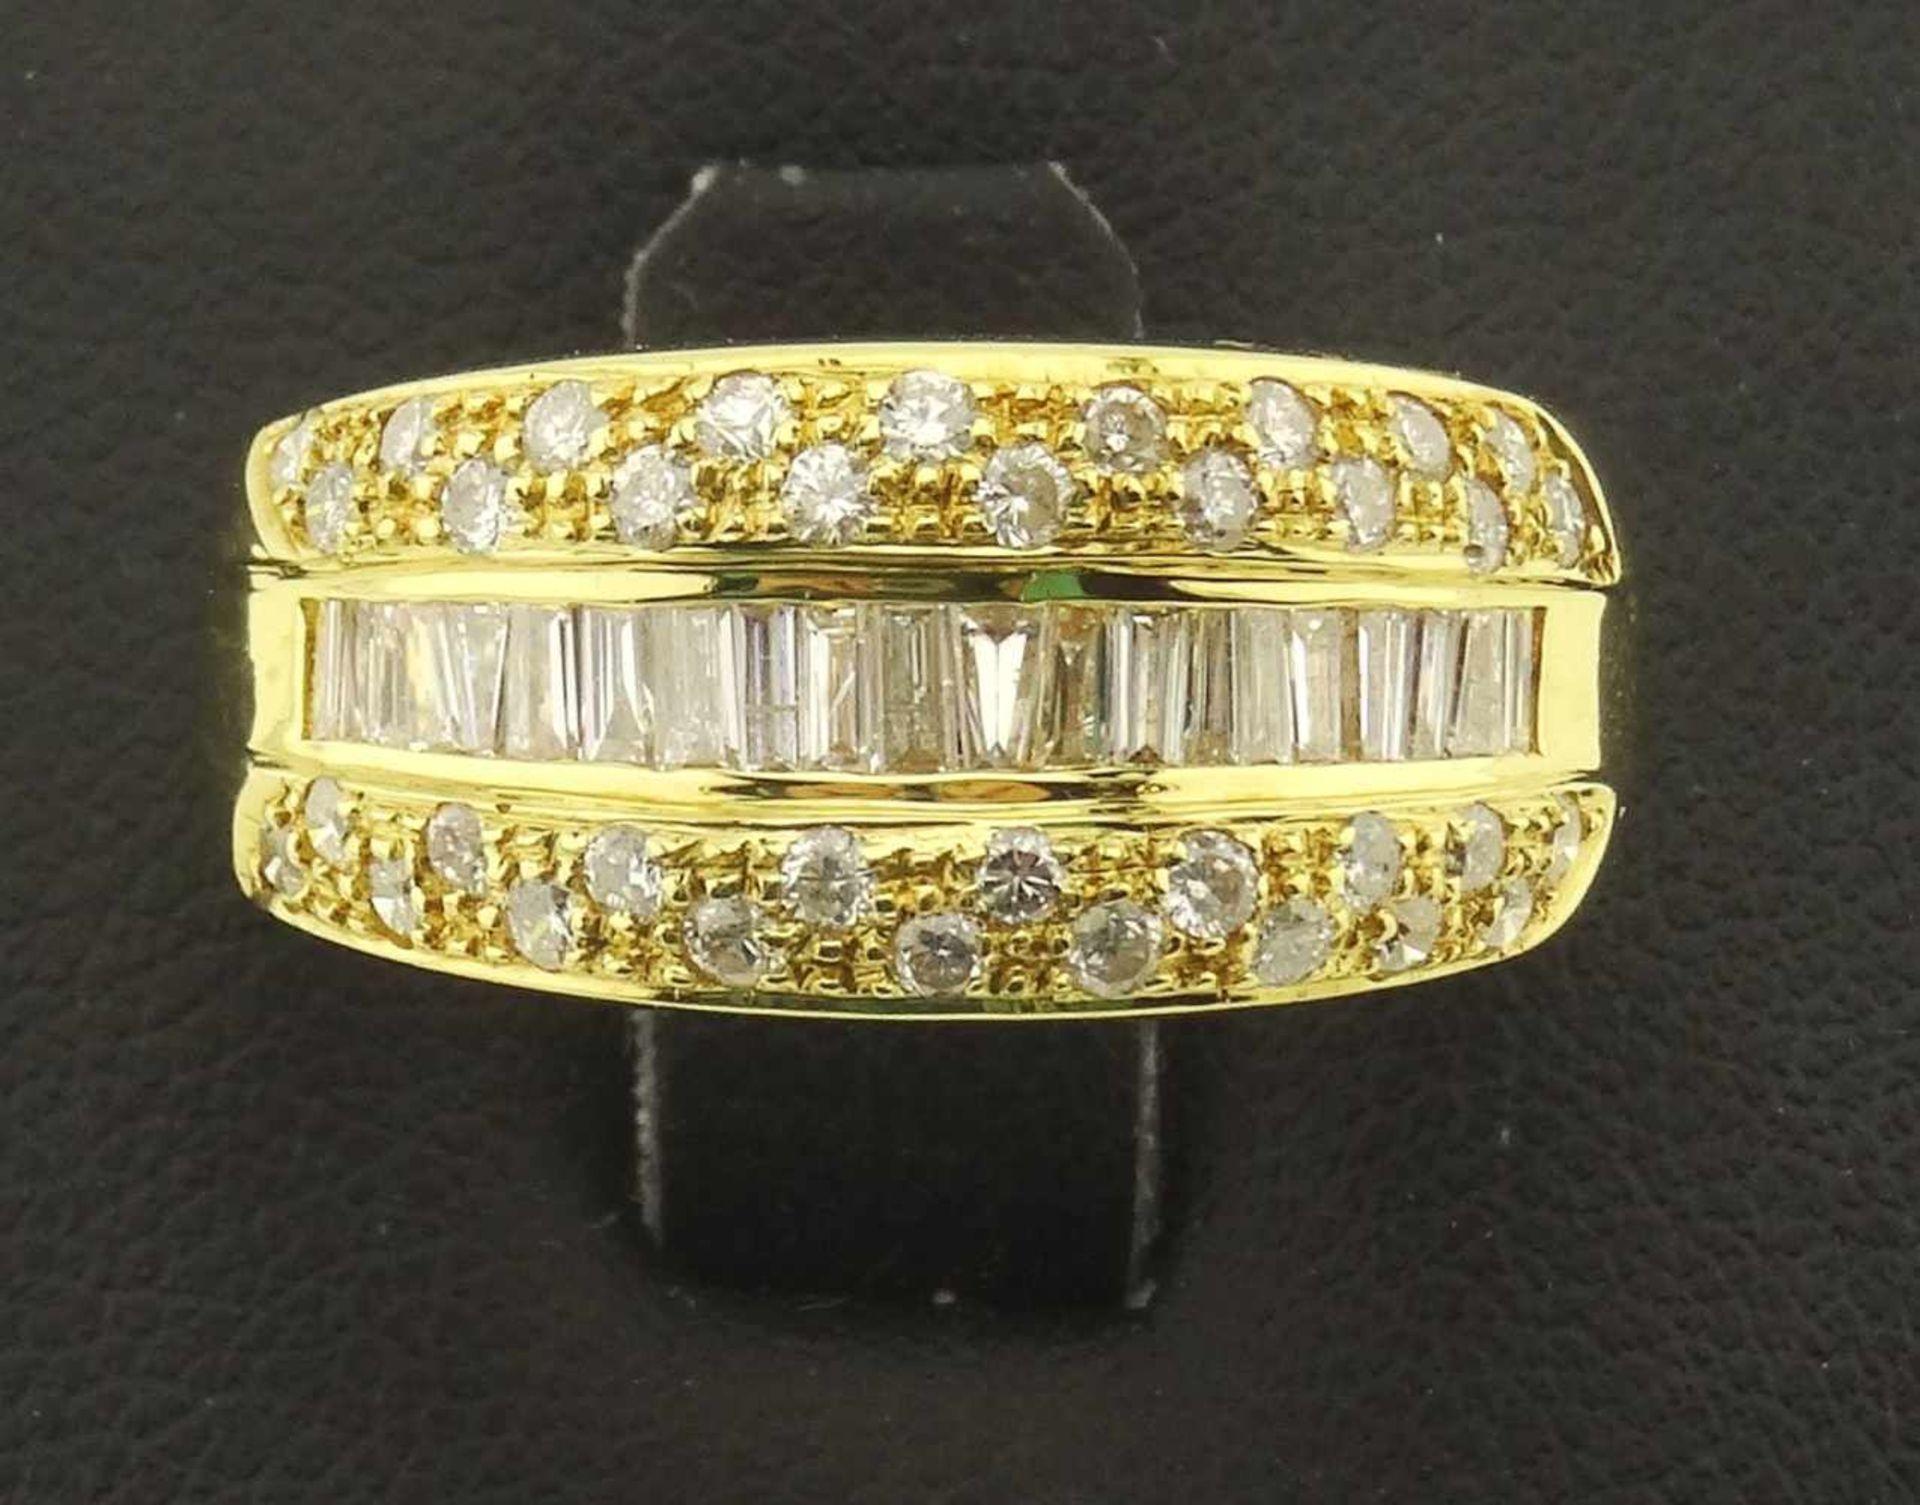 Los 11 - Damenring 750 Gold Brillant / Diamanten sehr schöner Brillant / Diamantring in 750 Gold 18k,